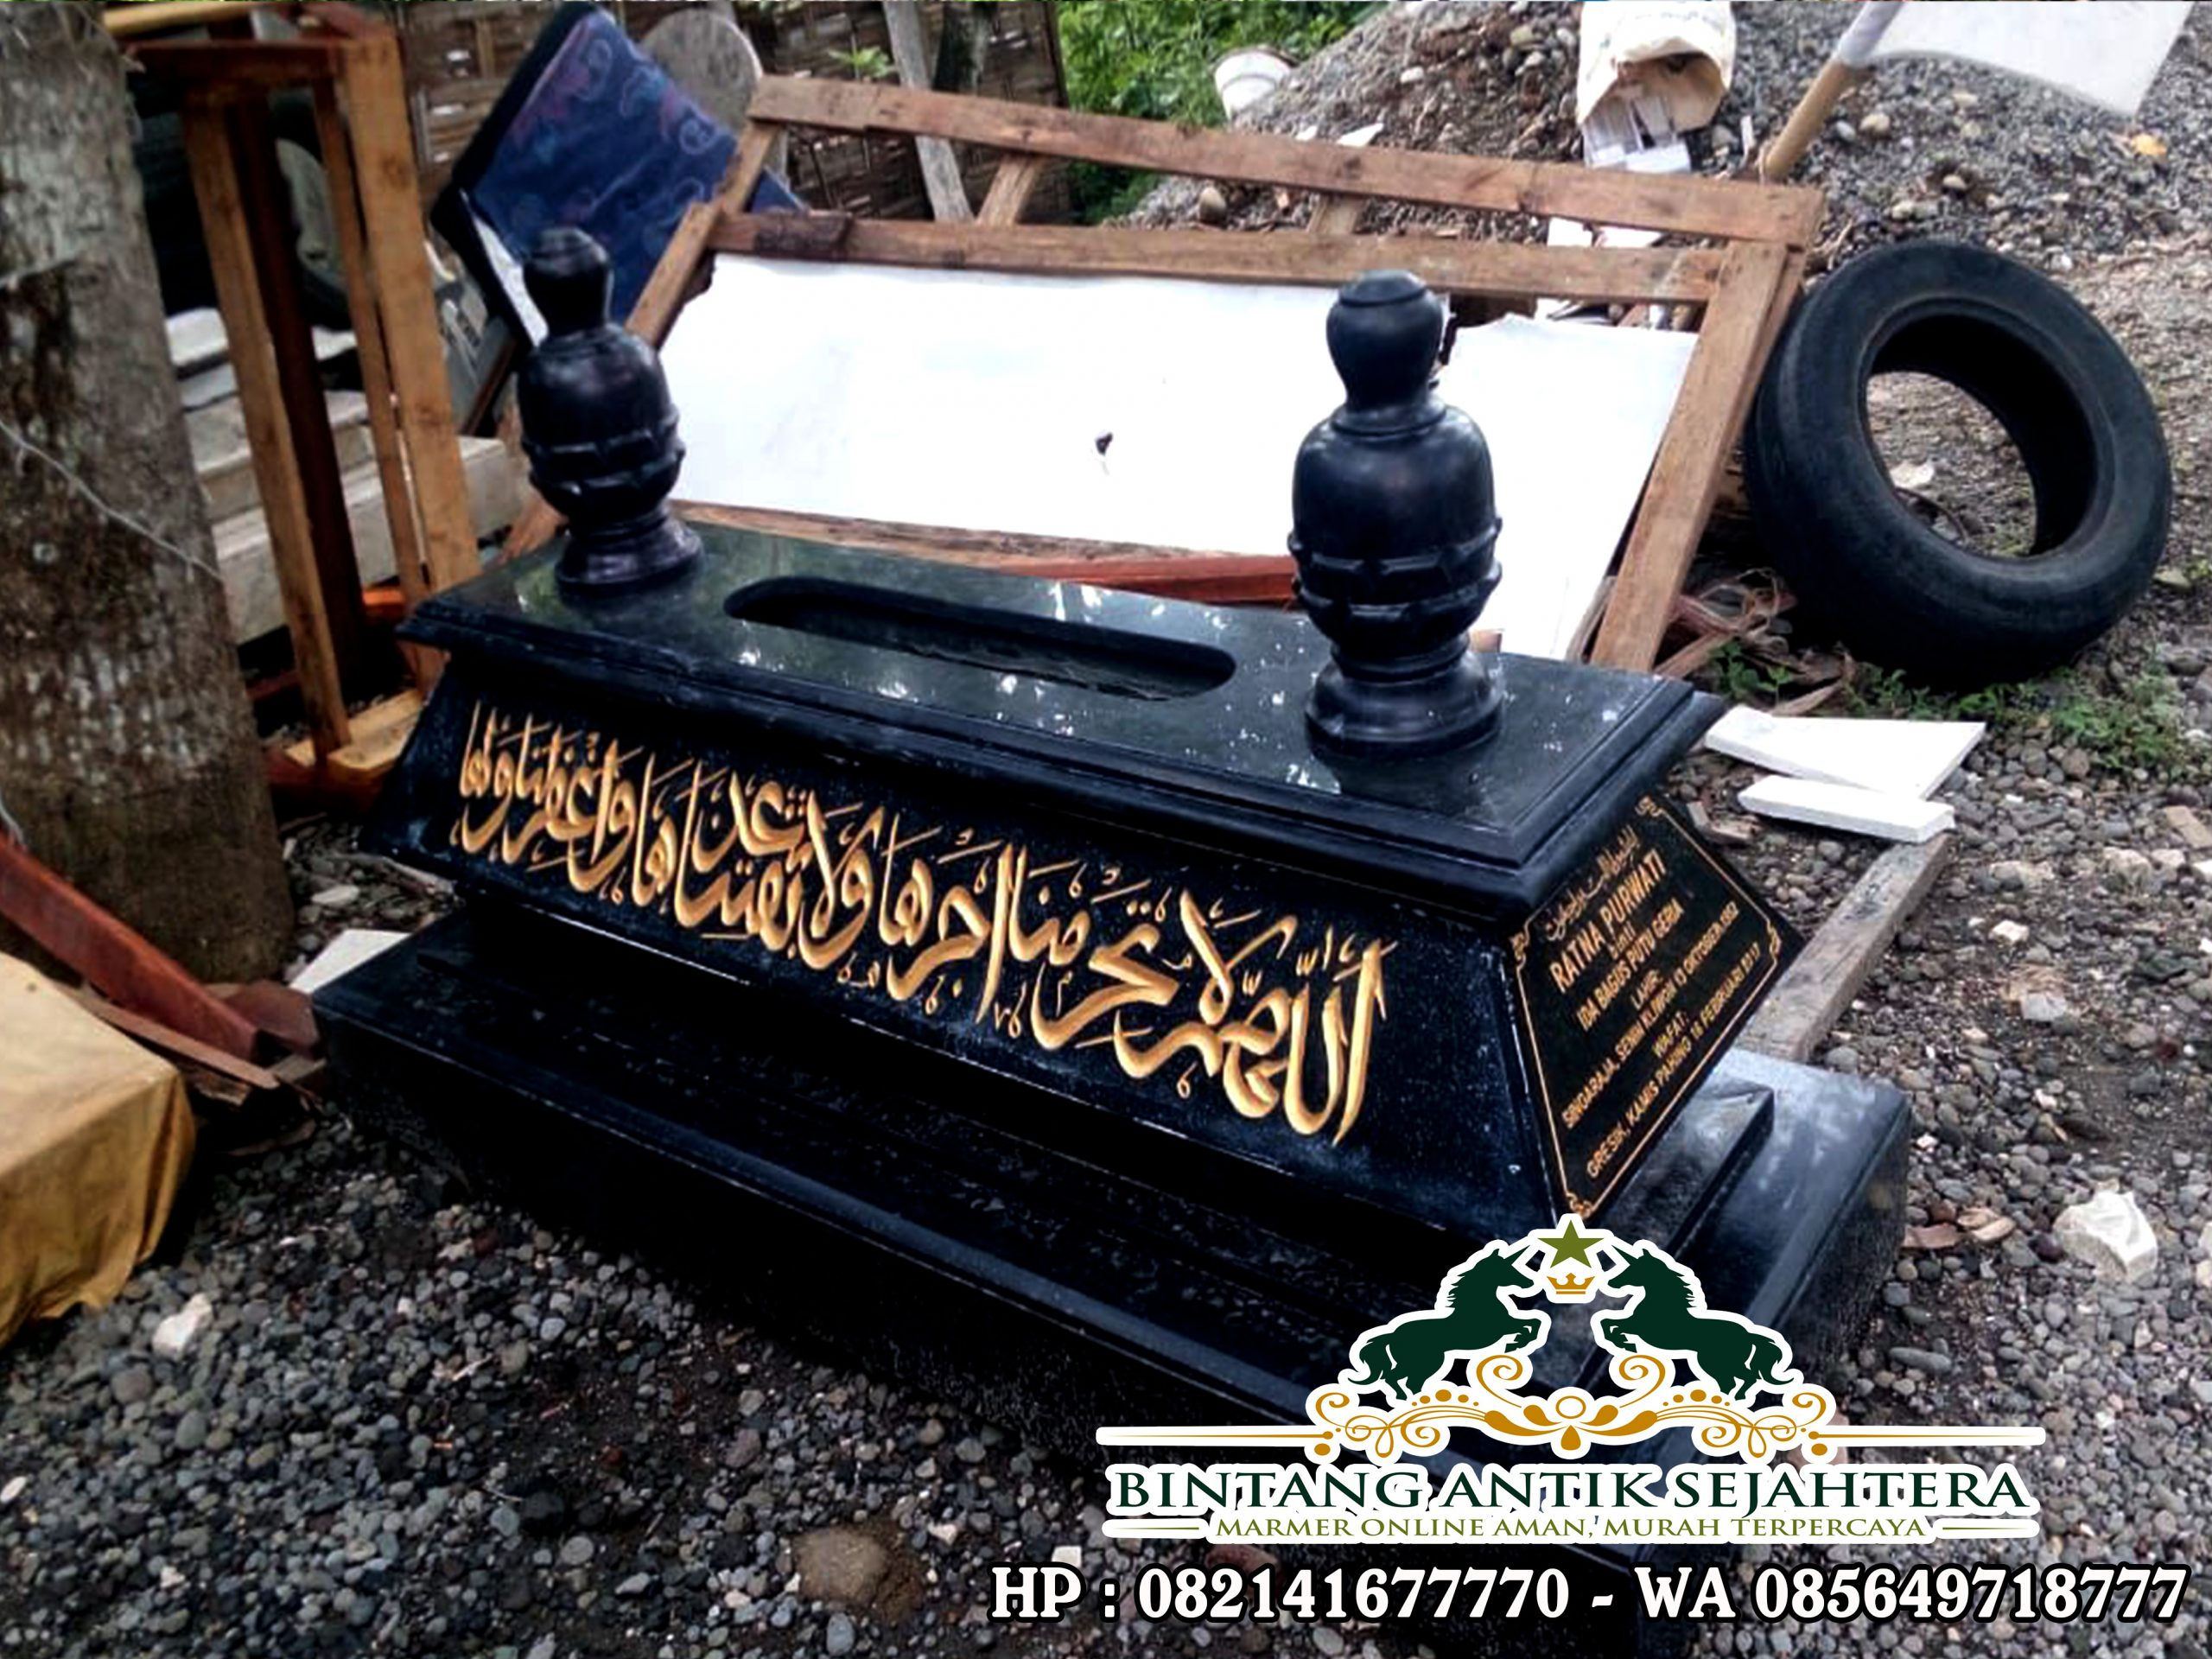 Harga Kijing Kuburan Granit   Jual Kijing Islam Granit